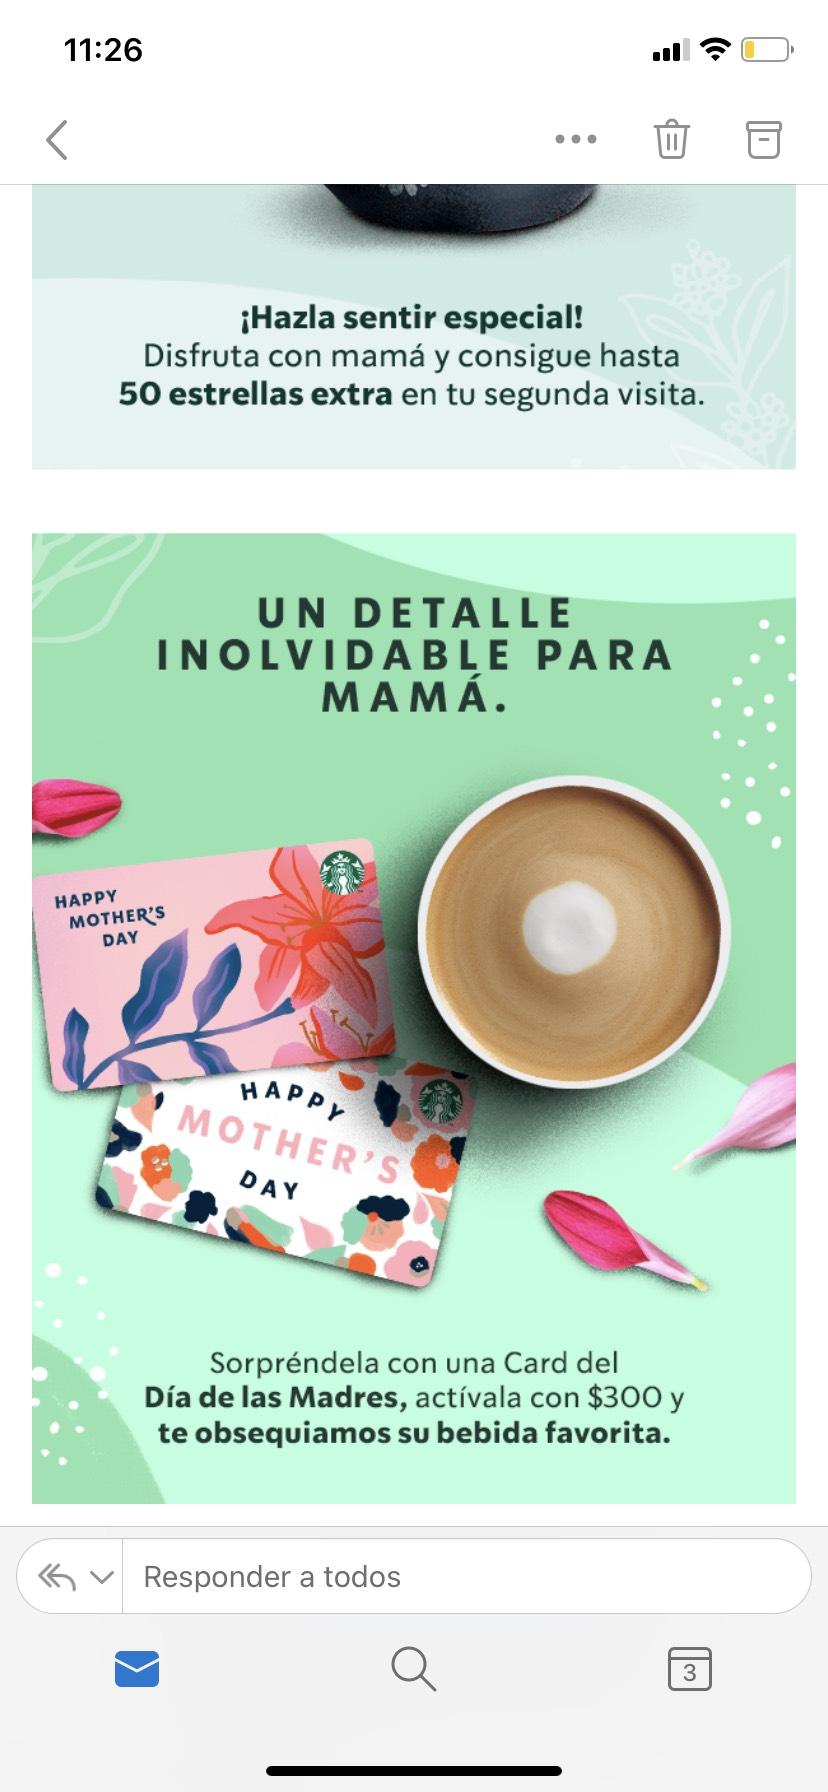 Starbucks: bebida grande gratis al activar tarjeta Día de las Madres con $300 y 50 estrellas en tu segunda visita